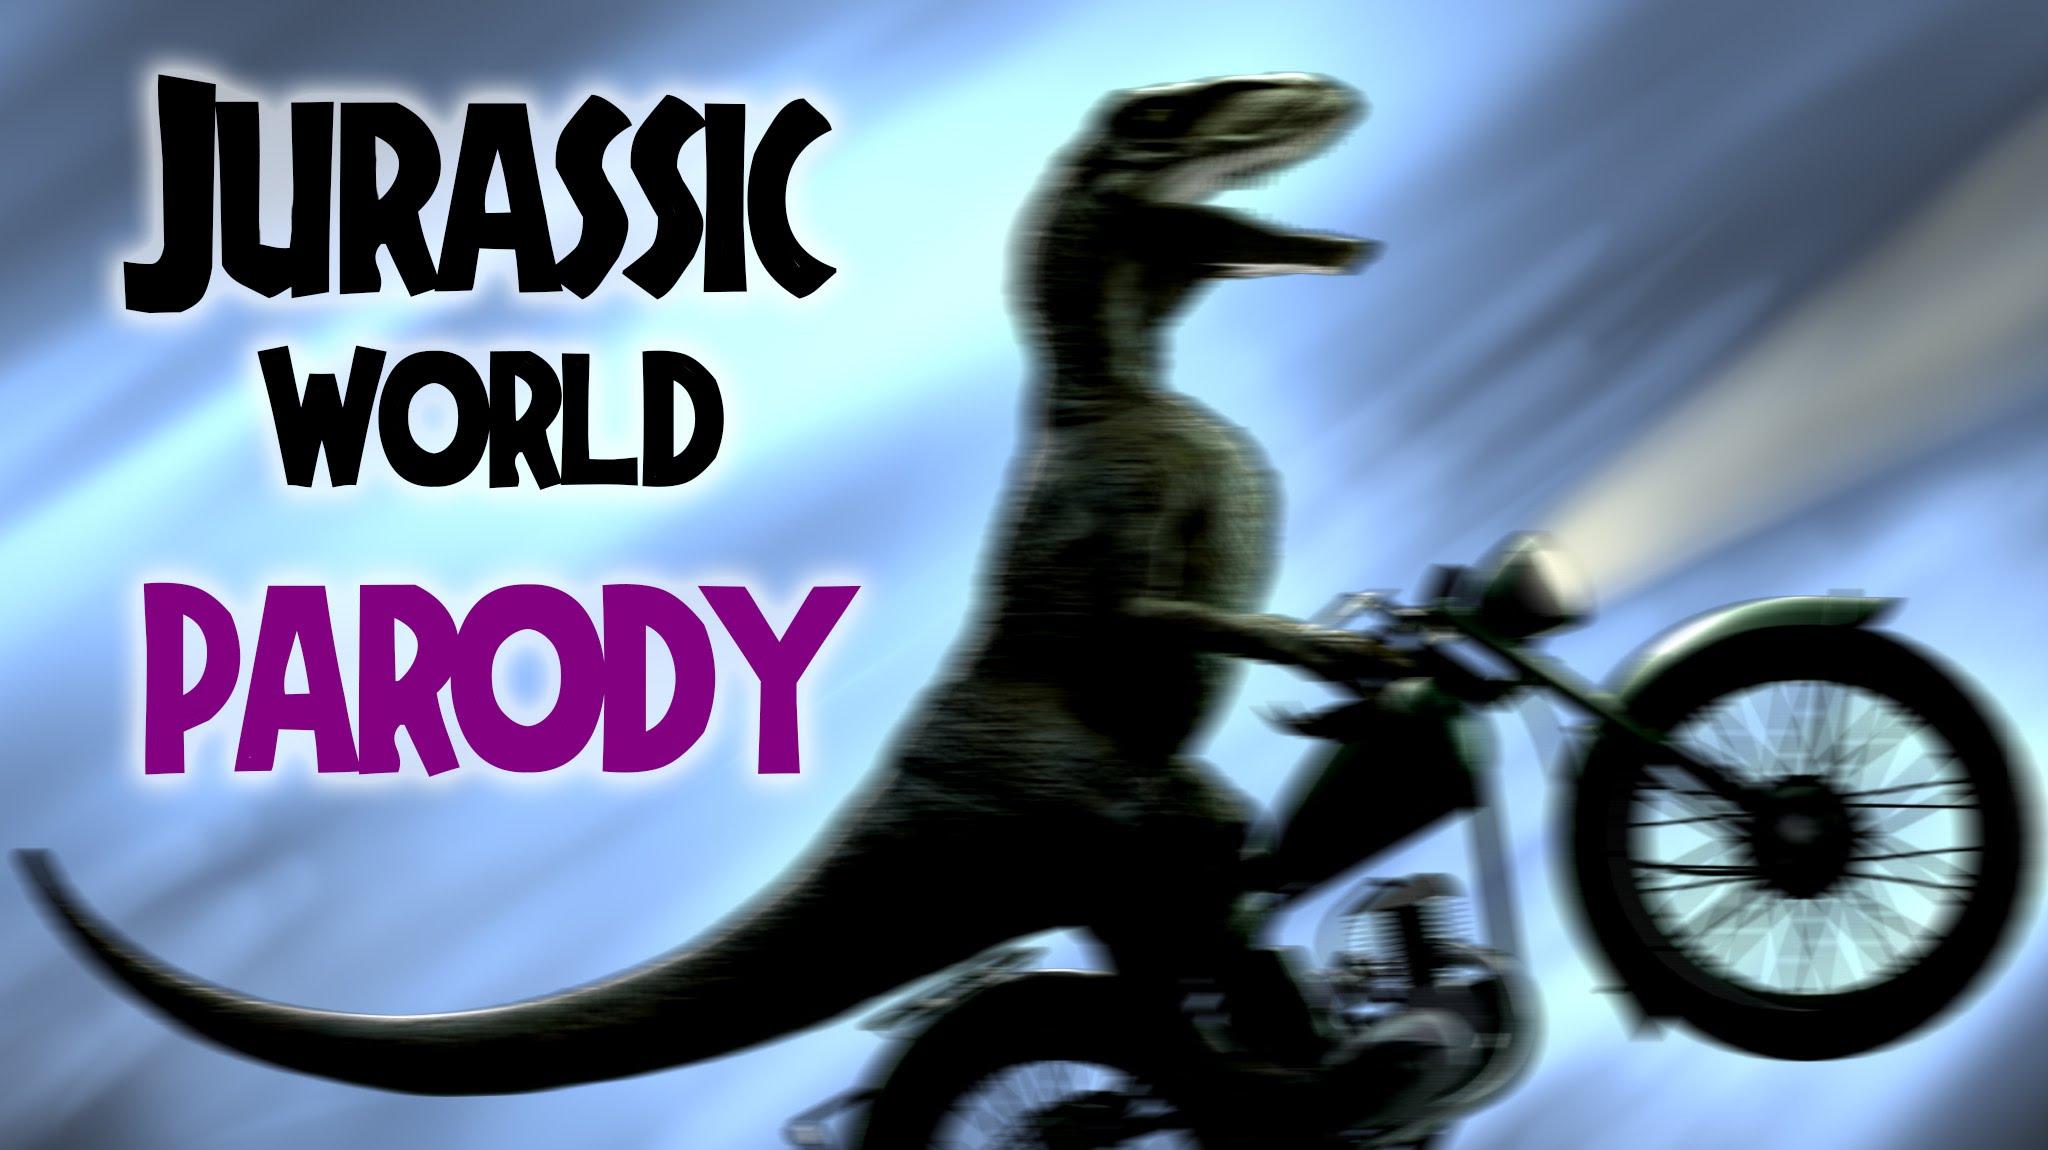 Jurassic World Parodie Trailer macht überhaupt keinen Sinn, aber jede Menge Spaß